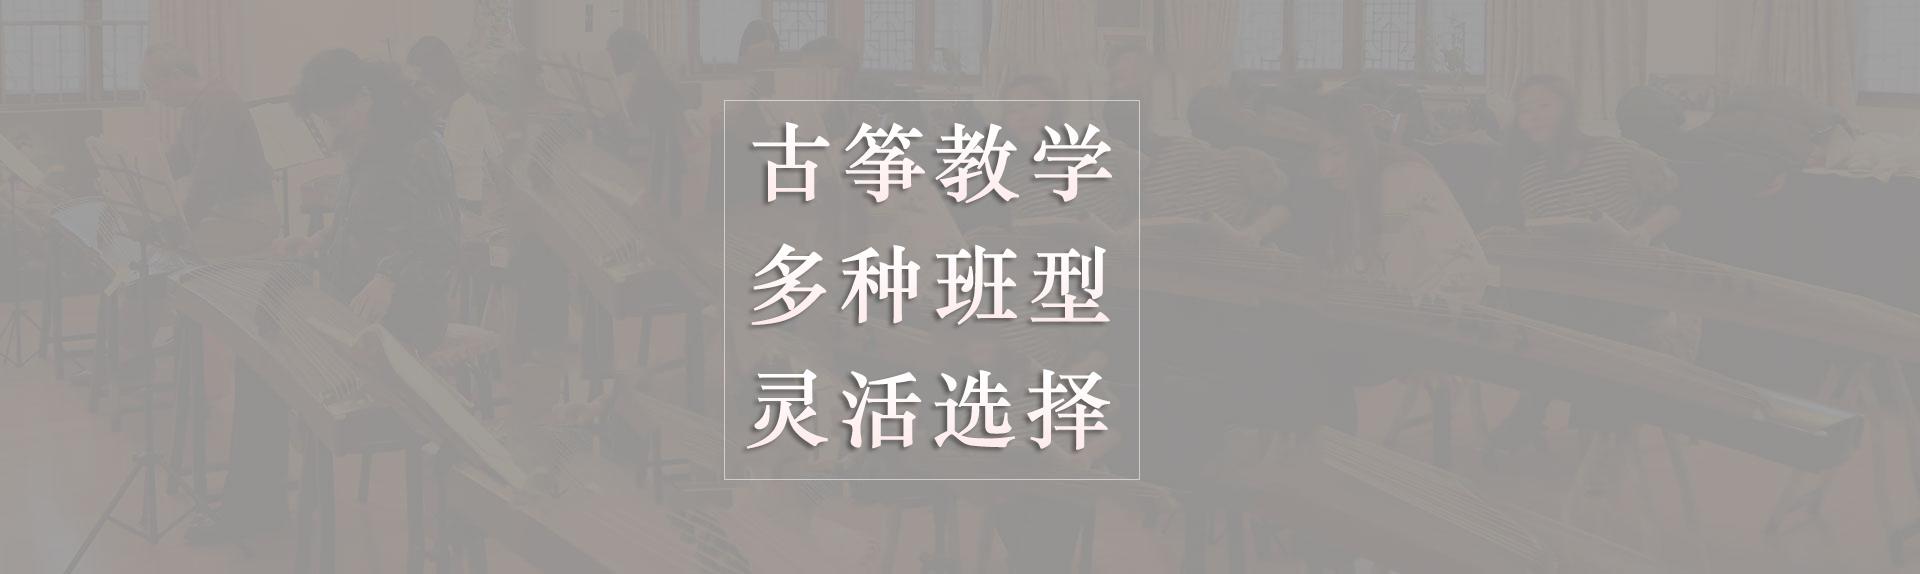 古筝师资培训